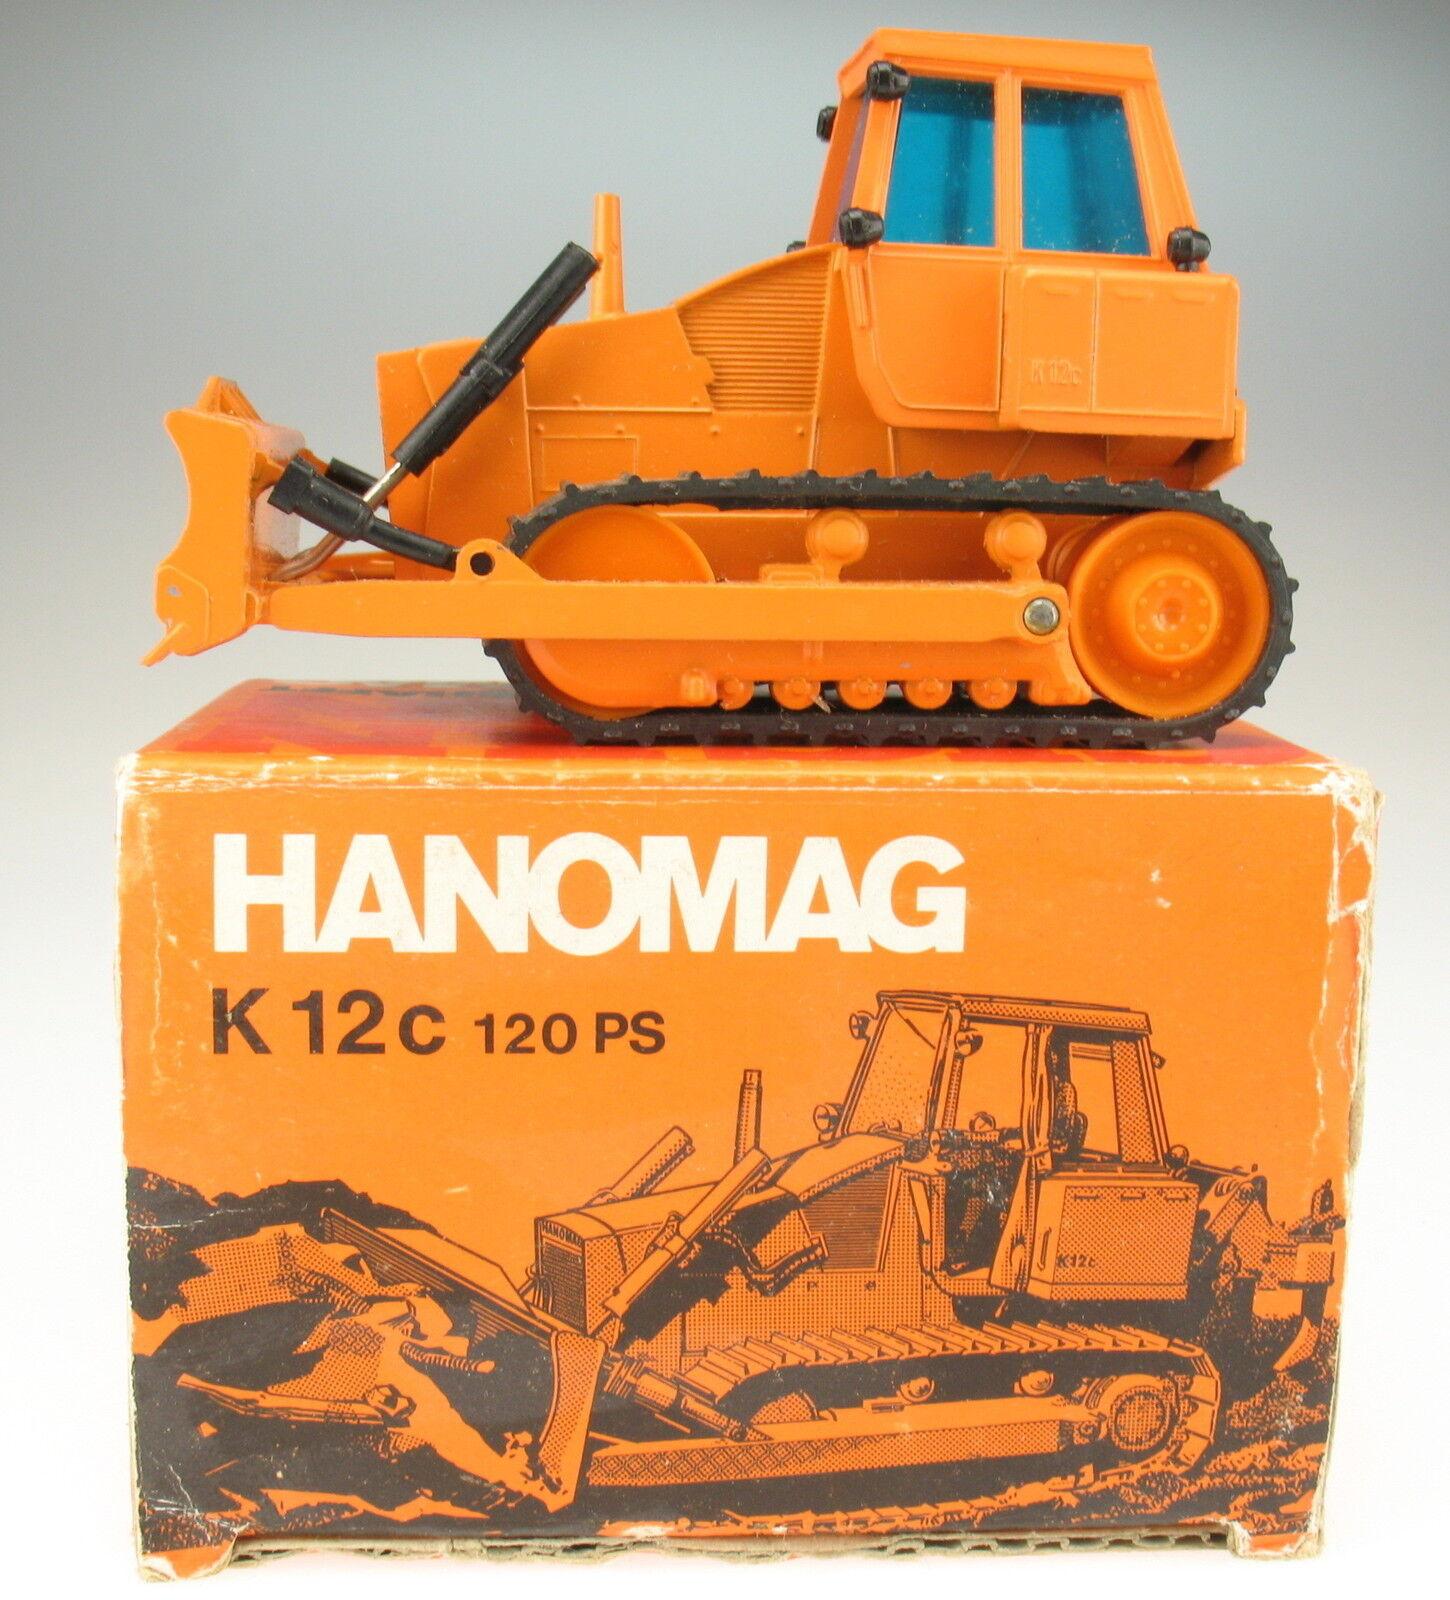 hasta un 50% de descuento Cursor 1269-Hanomag K 12c-Bulldozer-naranja-excavadora - 1 1 1 50 -- en OVP  la red entera más baja